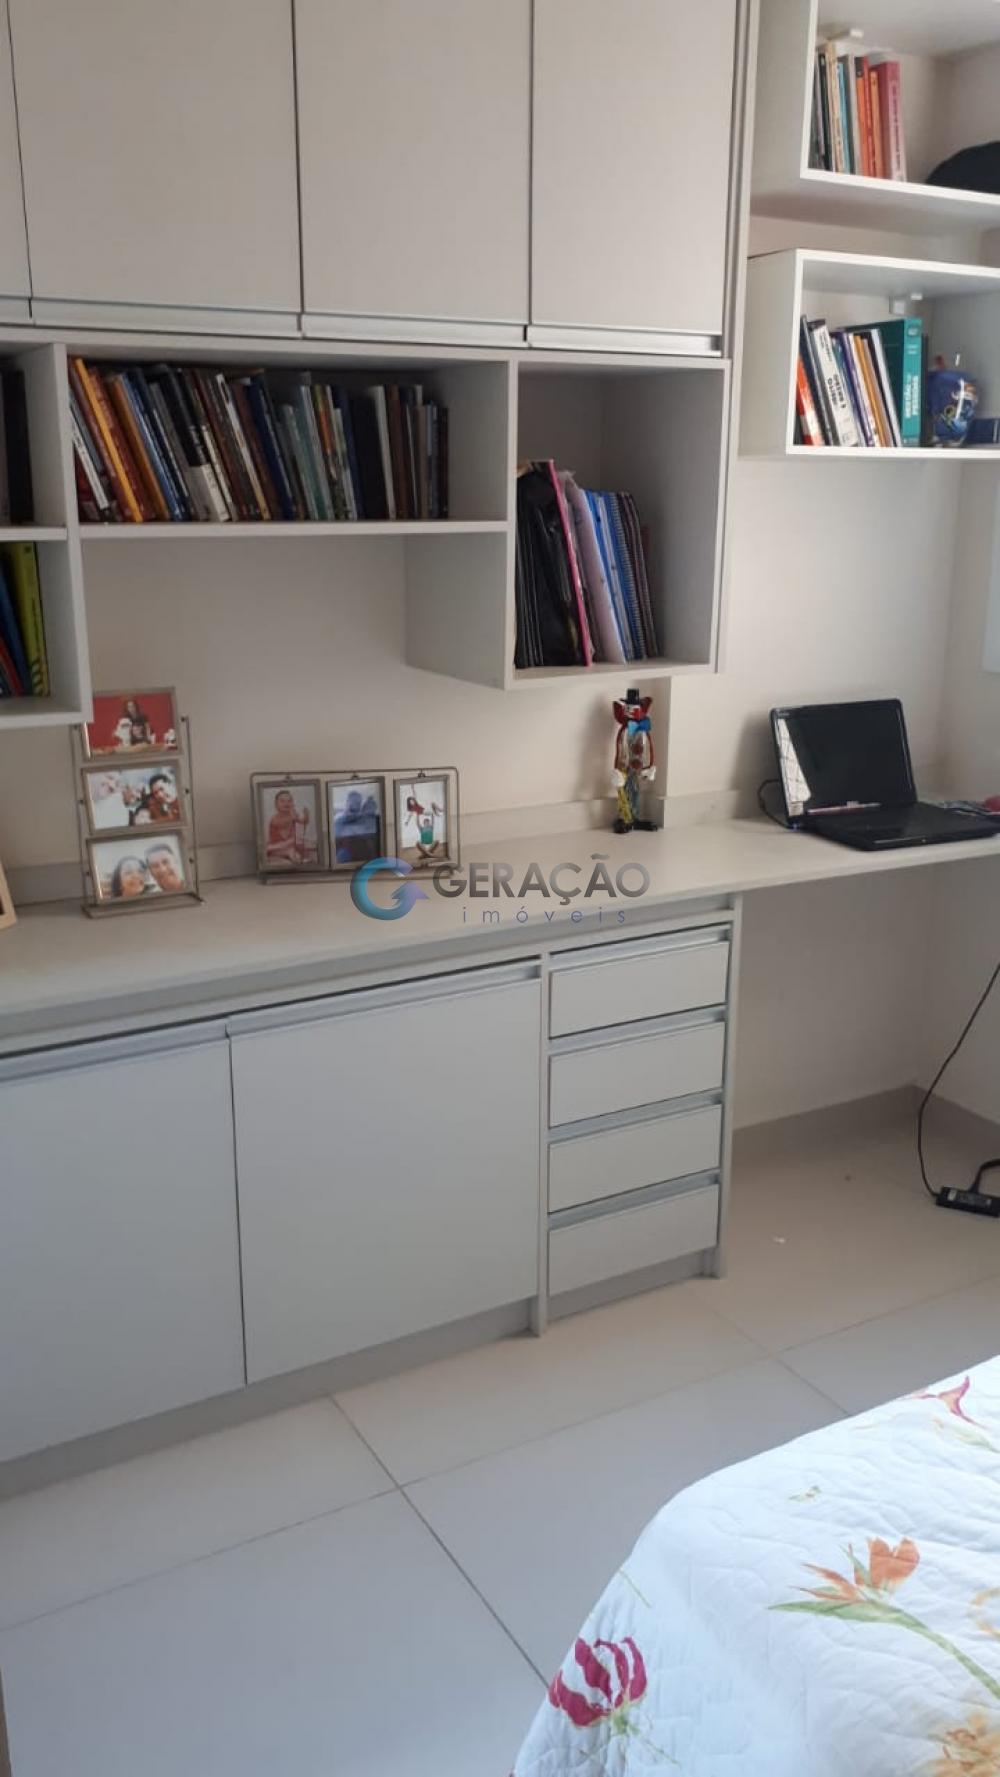 Comprar Apartamento / Padrão em São José dos Campos R$ 780.000,00 - Foto 10